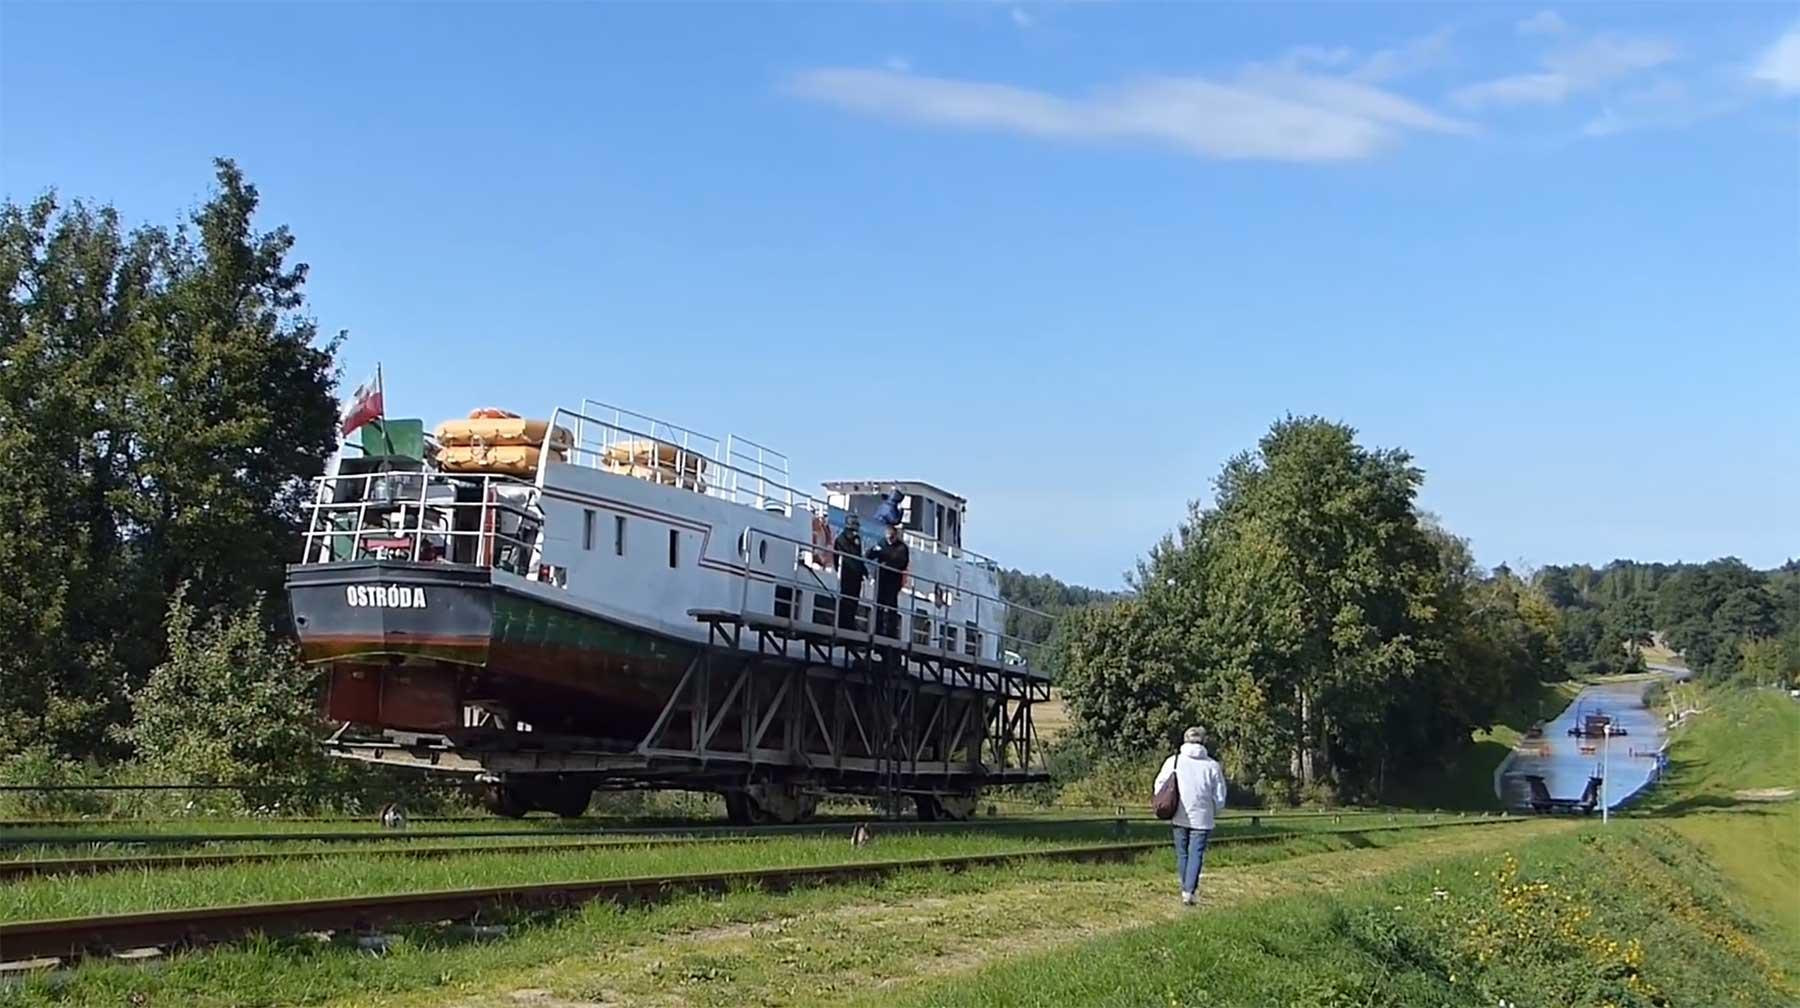 Auf diesem Kanal überqueren Boote ein Stück auf Schienen